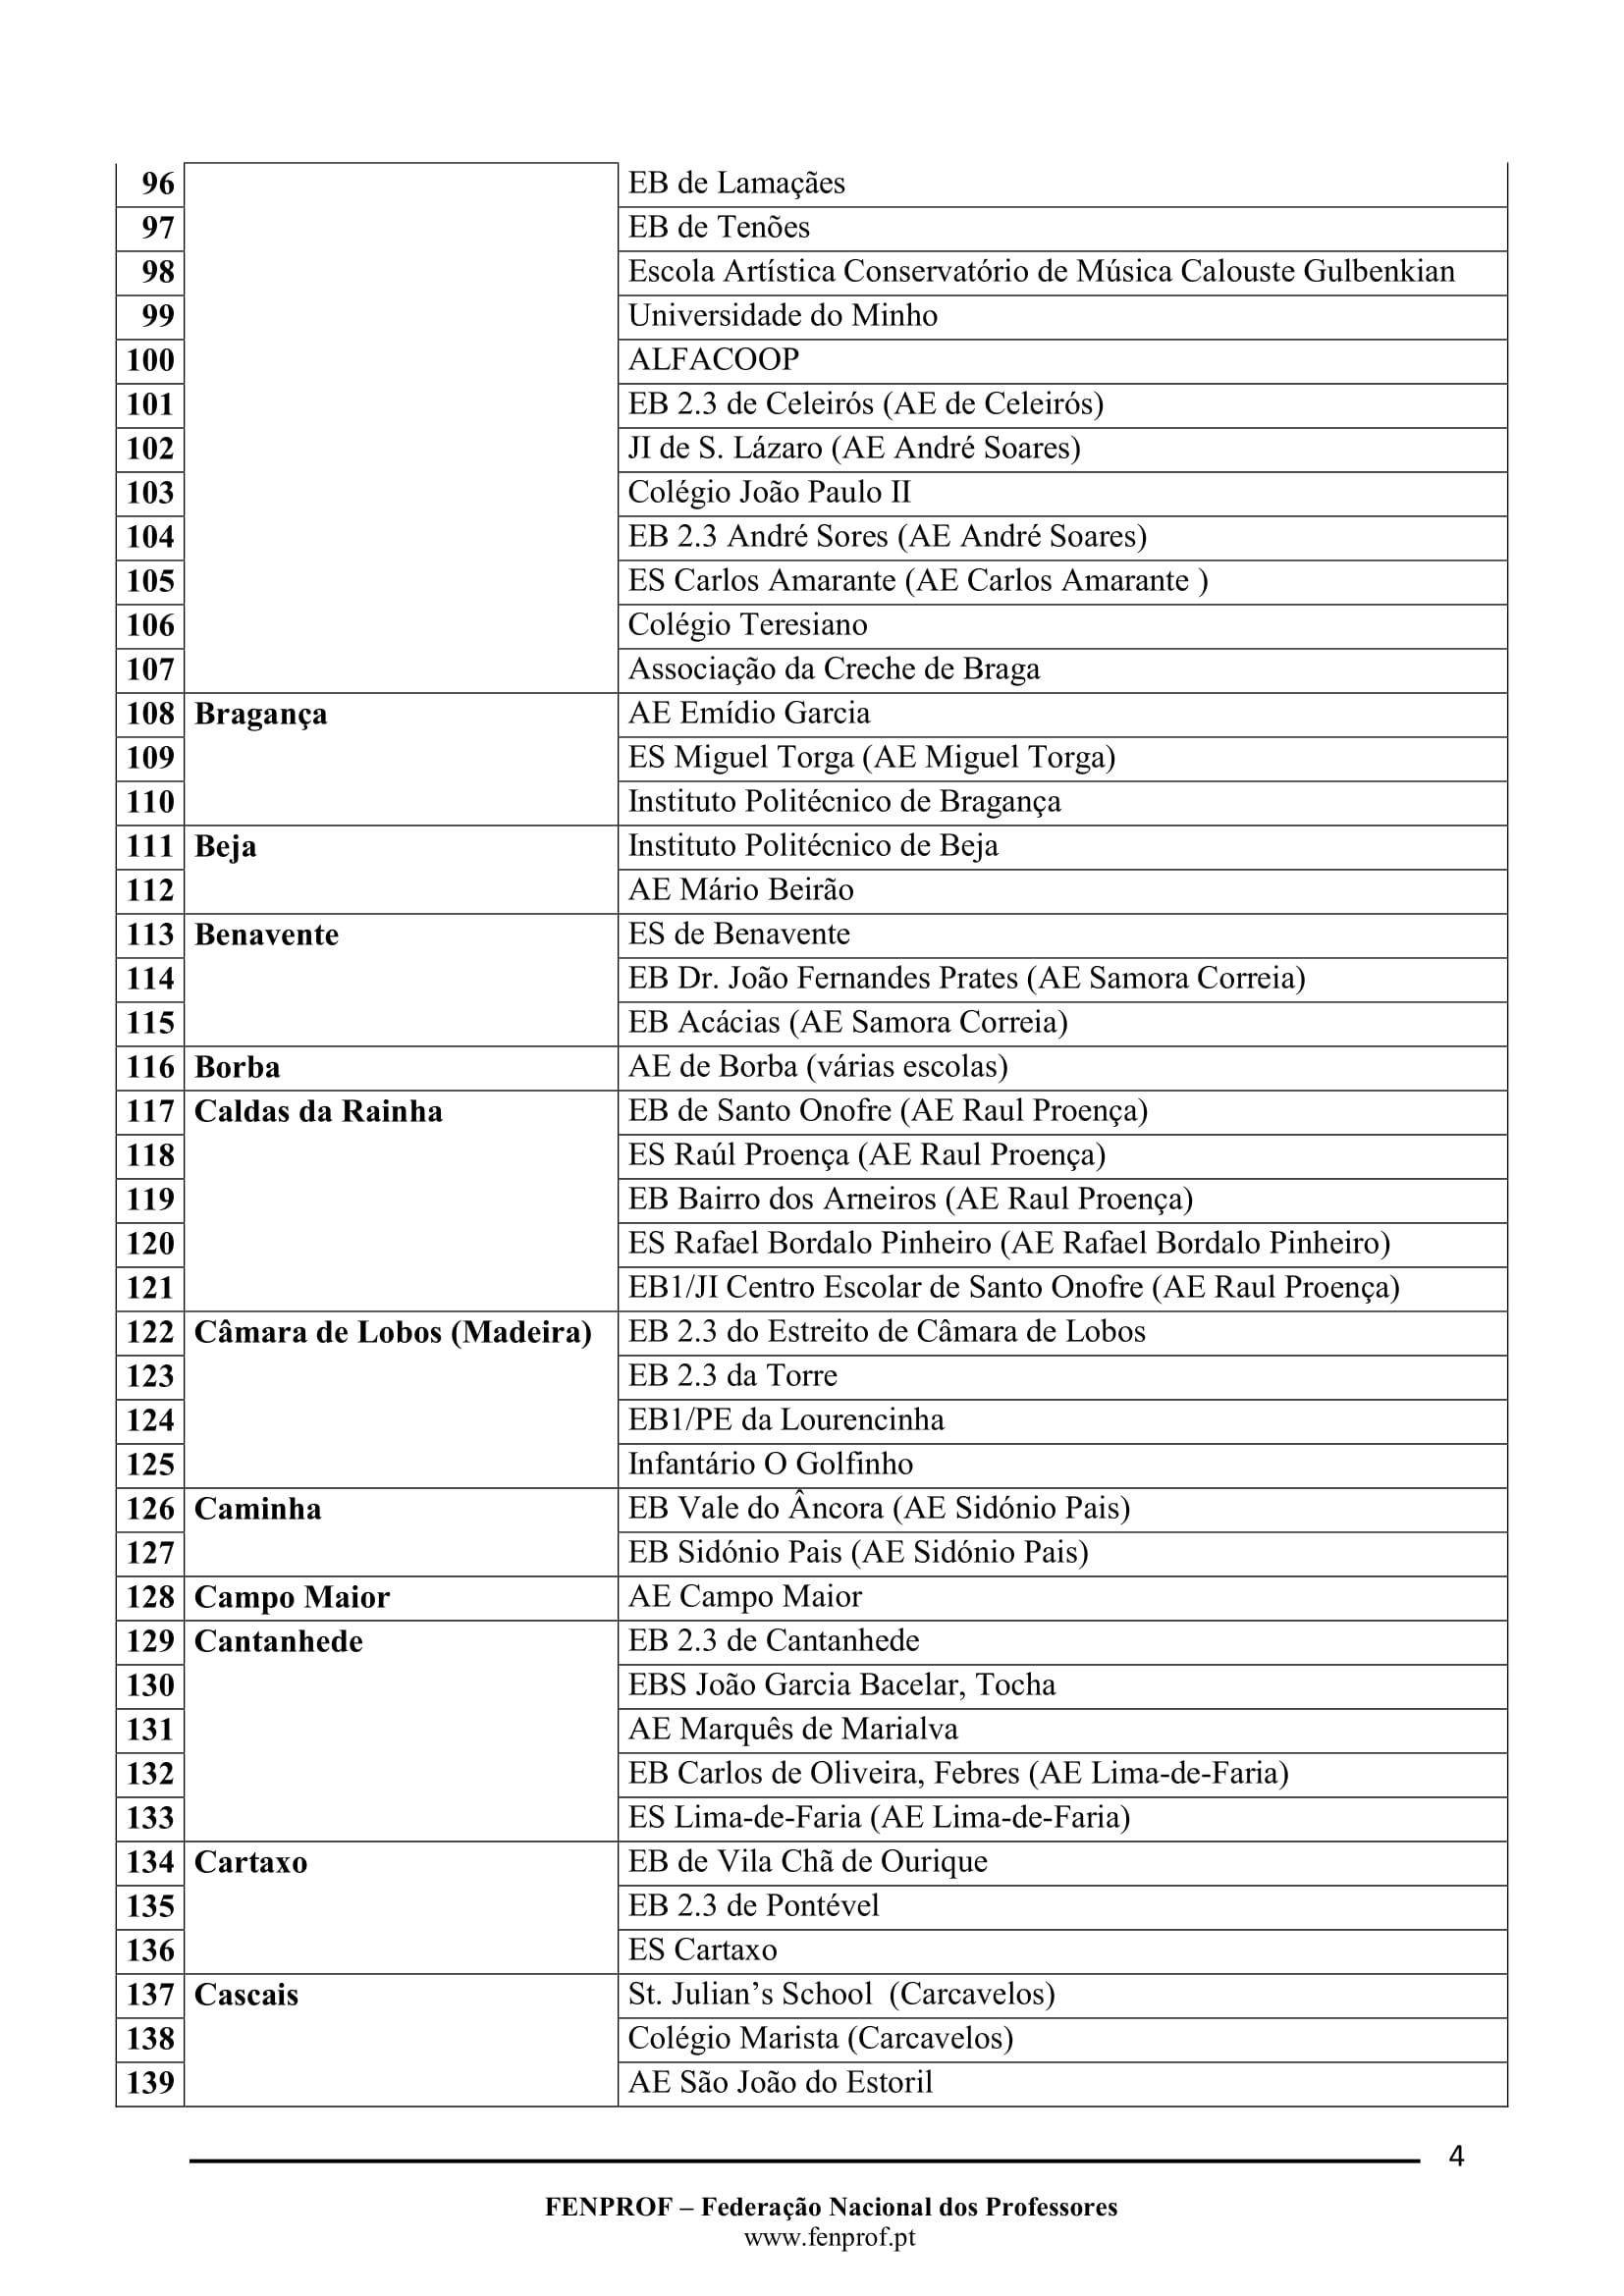 Lista_Escolas_17nov2020_18h-04